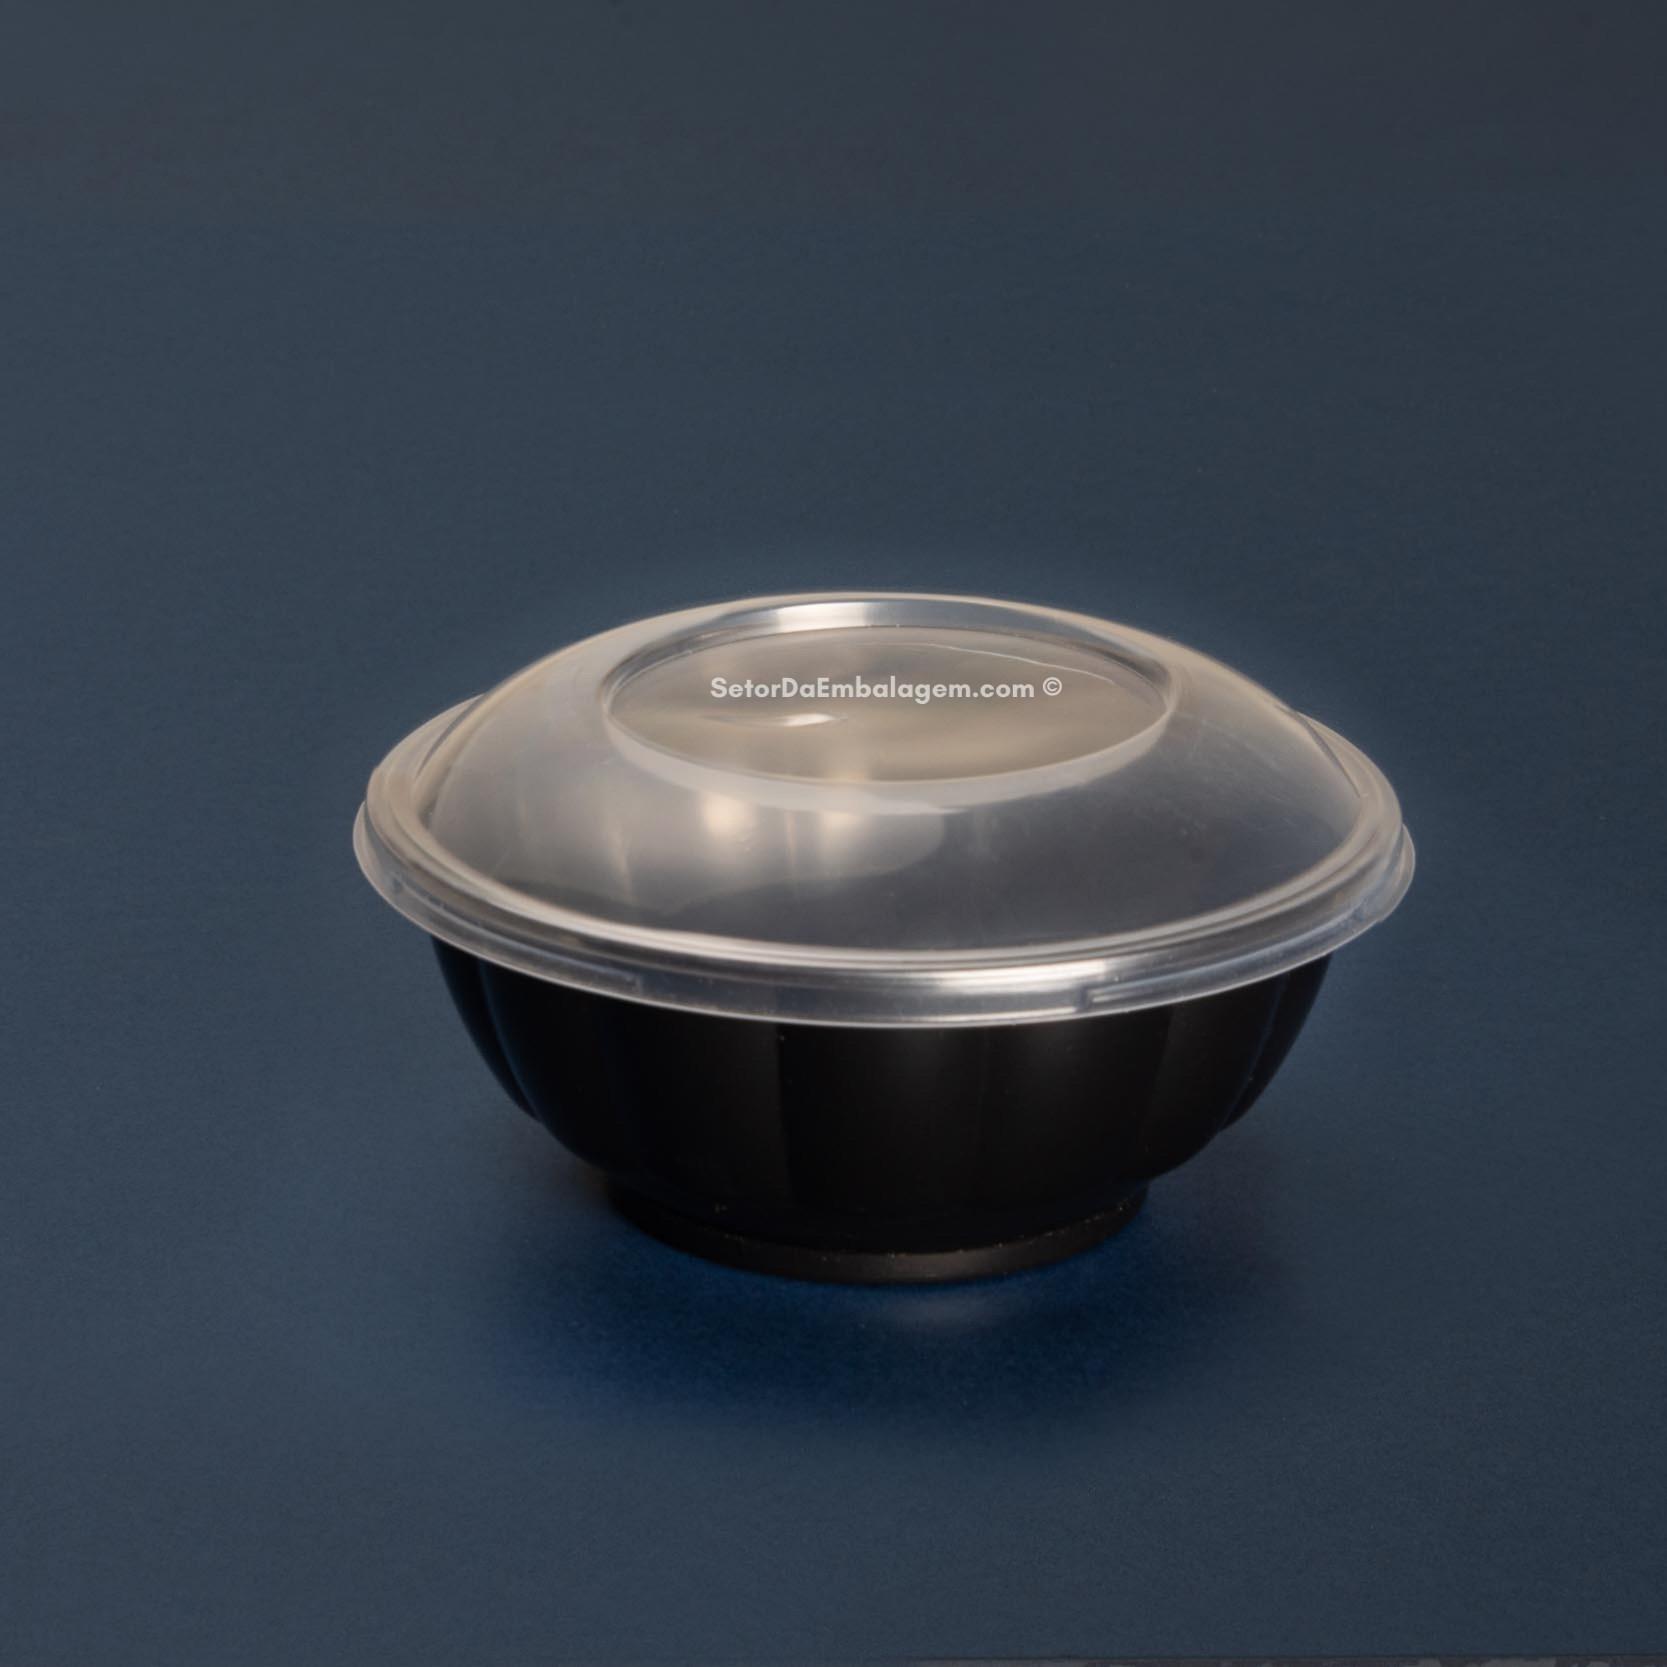 Embalagem bowl preto para poke 150 unidades - Galvanotek GO925